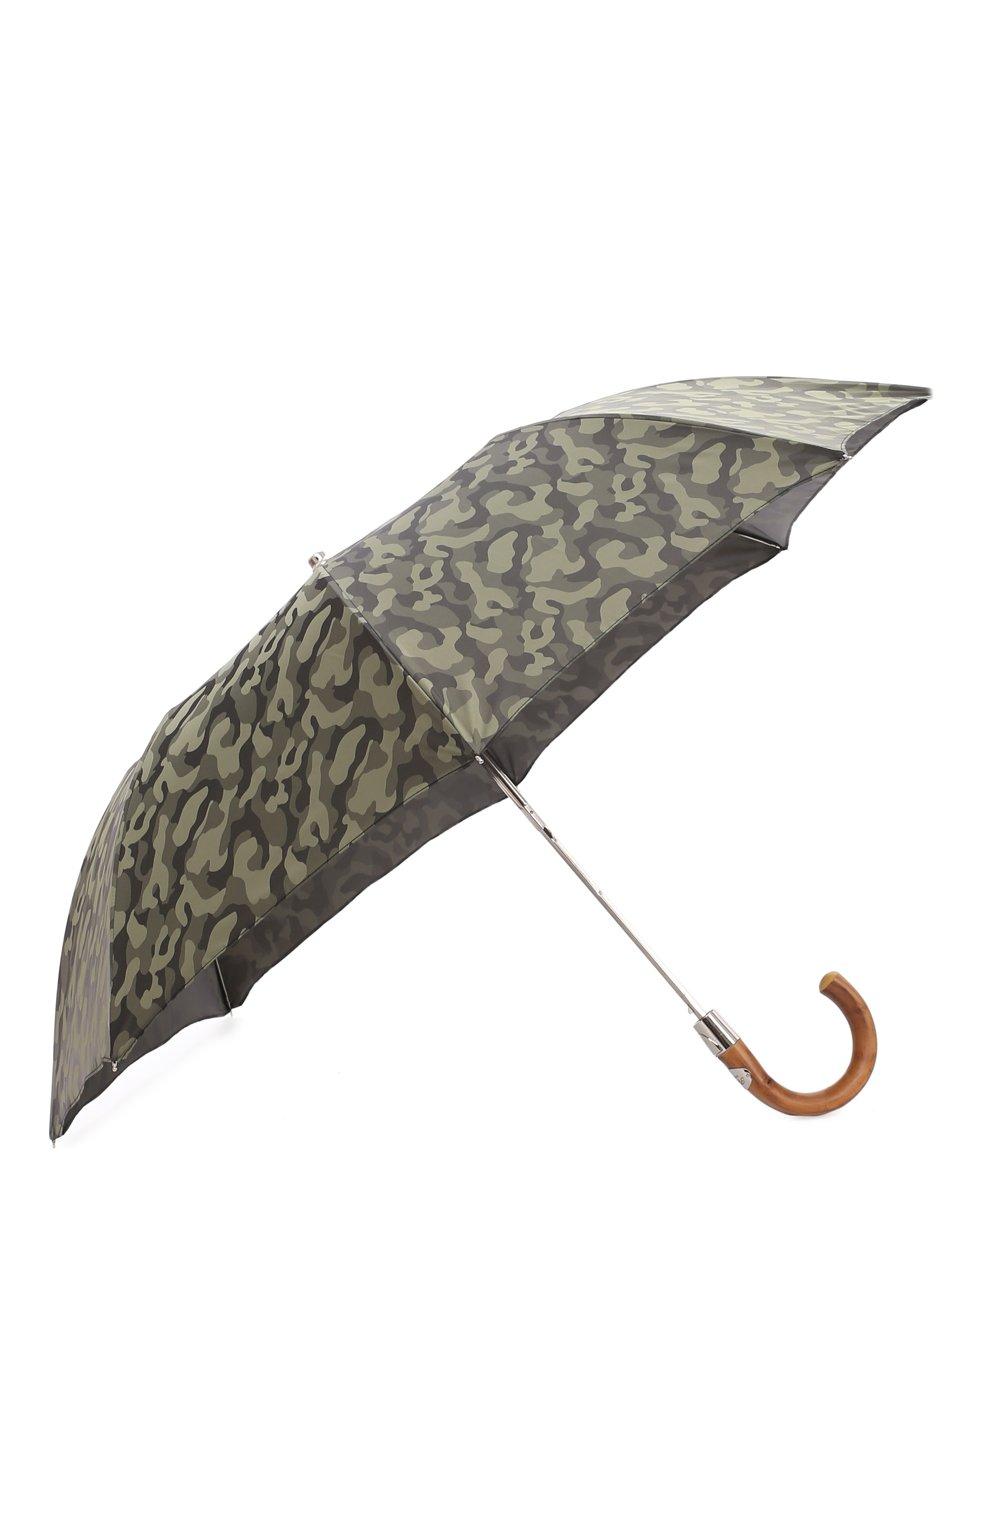 Мужской складной зонт PASOTTI OMBRELLI хаки цвета, арт. 64S/MILITARE 11780/254/T0PLESS | Фото 2 (Материал: Текстиль, Синтетический материал, Металл)